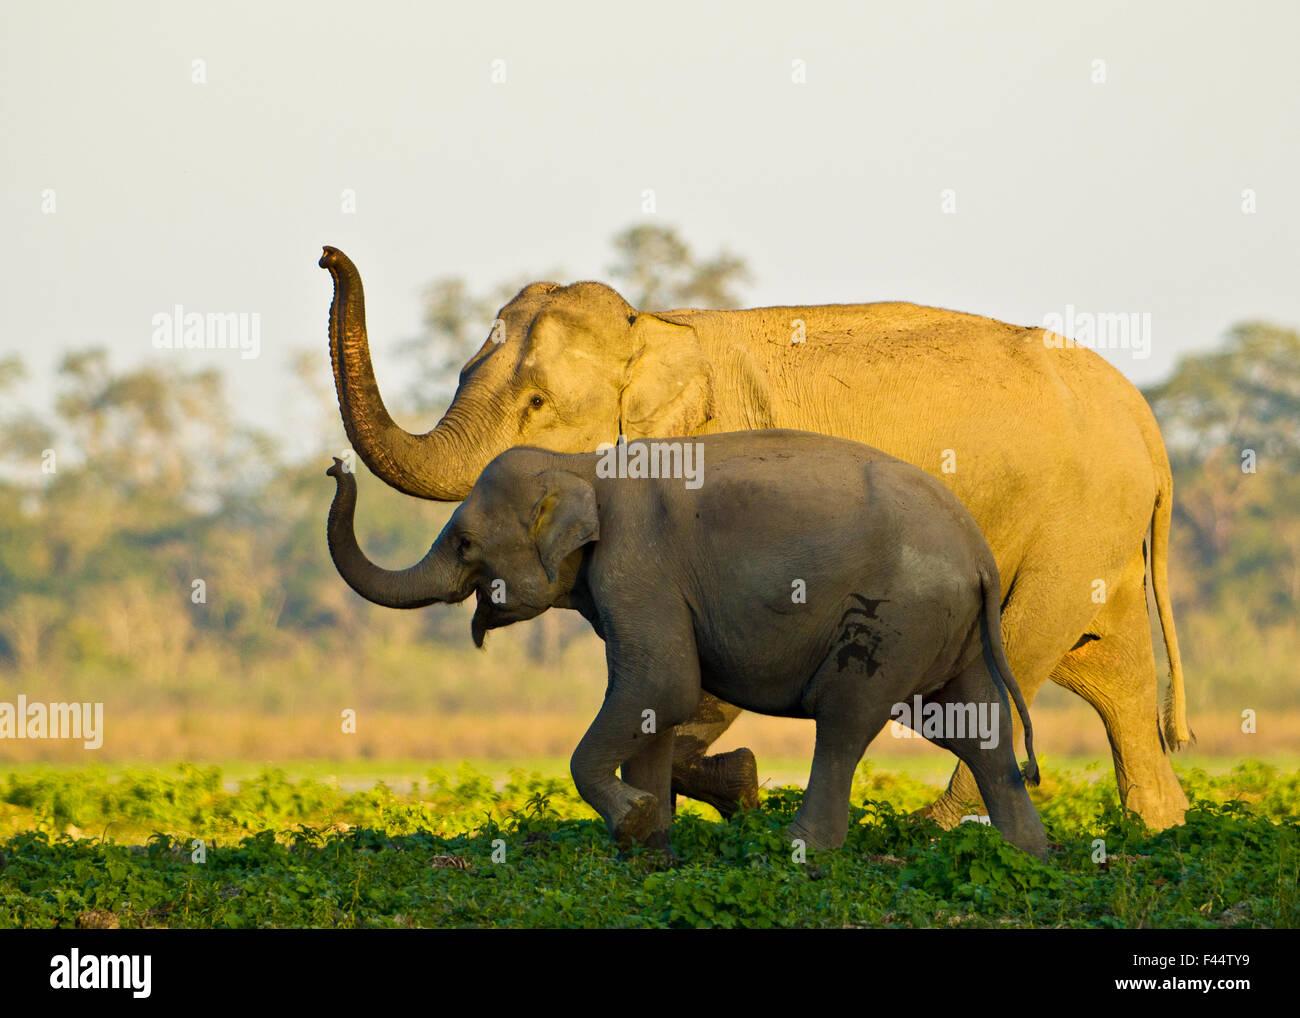 Les éléphants d'Asie (Elephas maximus indicus) reniflant l'air comme il se rapproche d'un Photo Stock